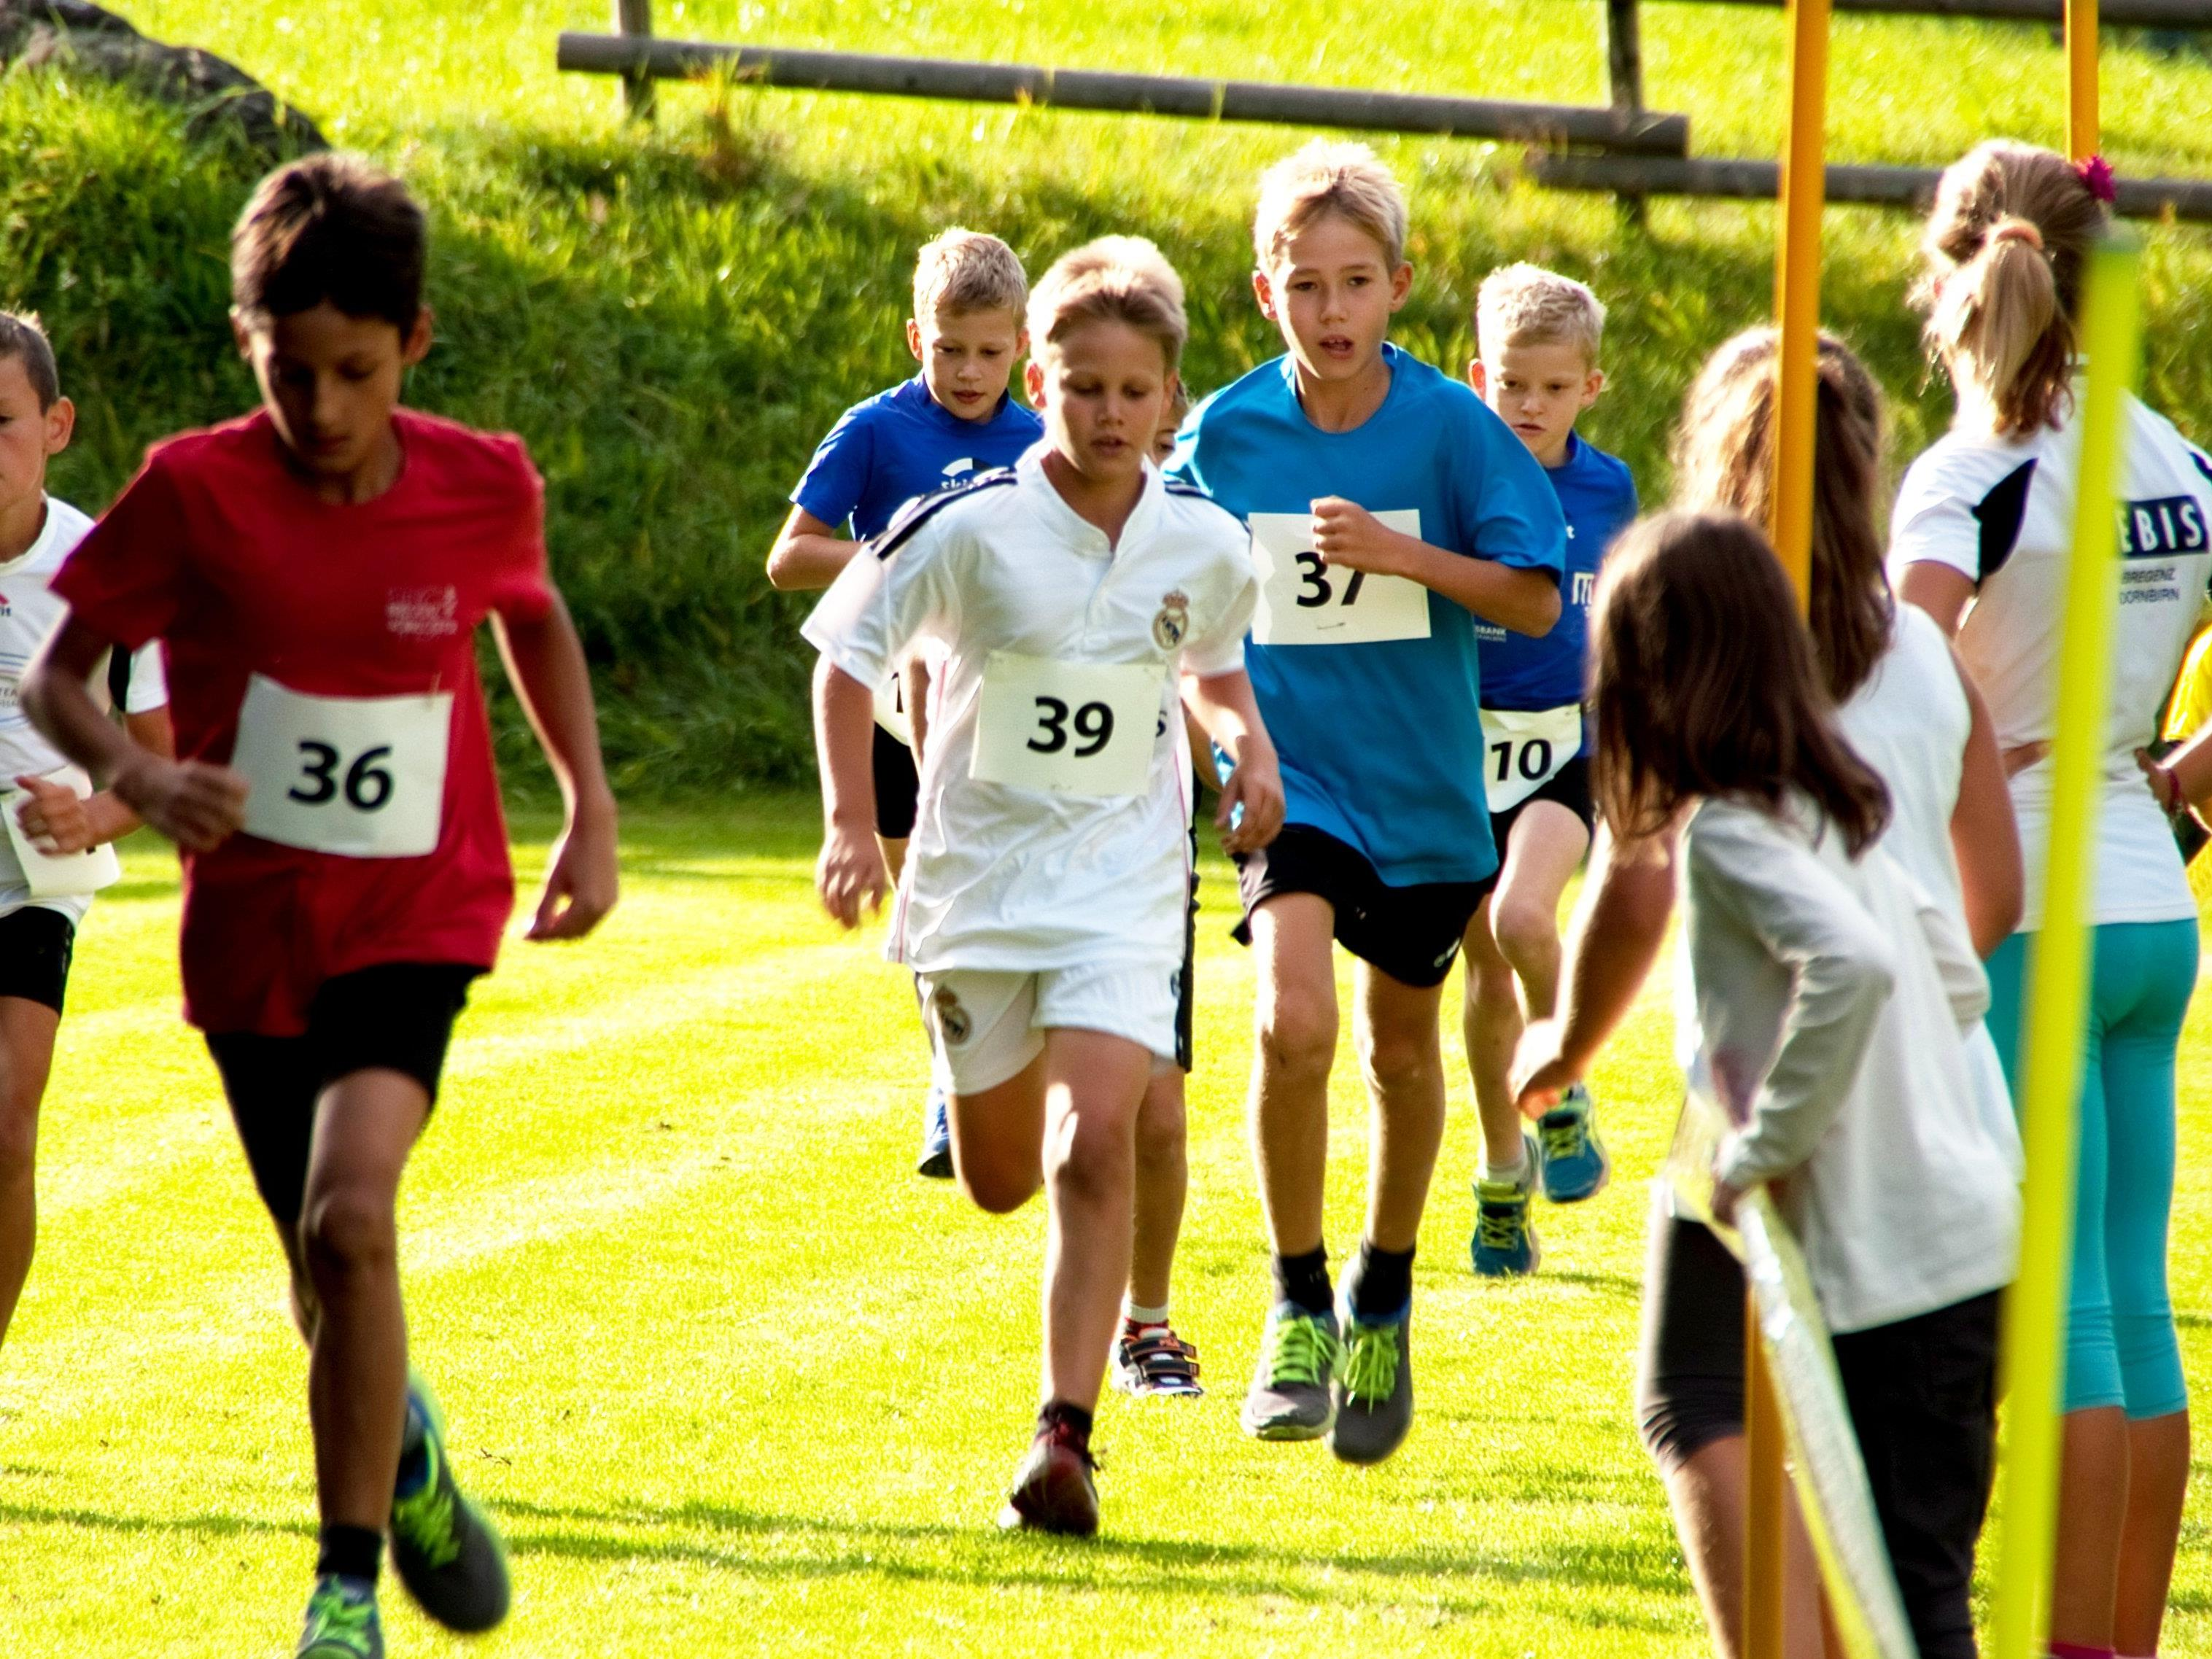 Kräfte mobilisieren heißt es auch für die Kids beim Bucher Dorflauf.